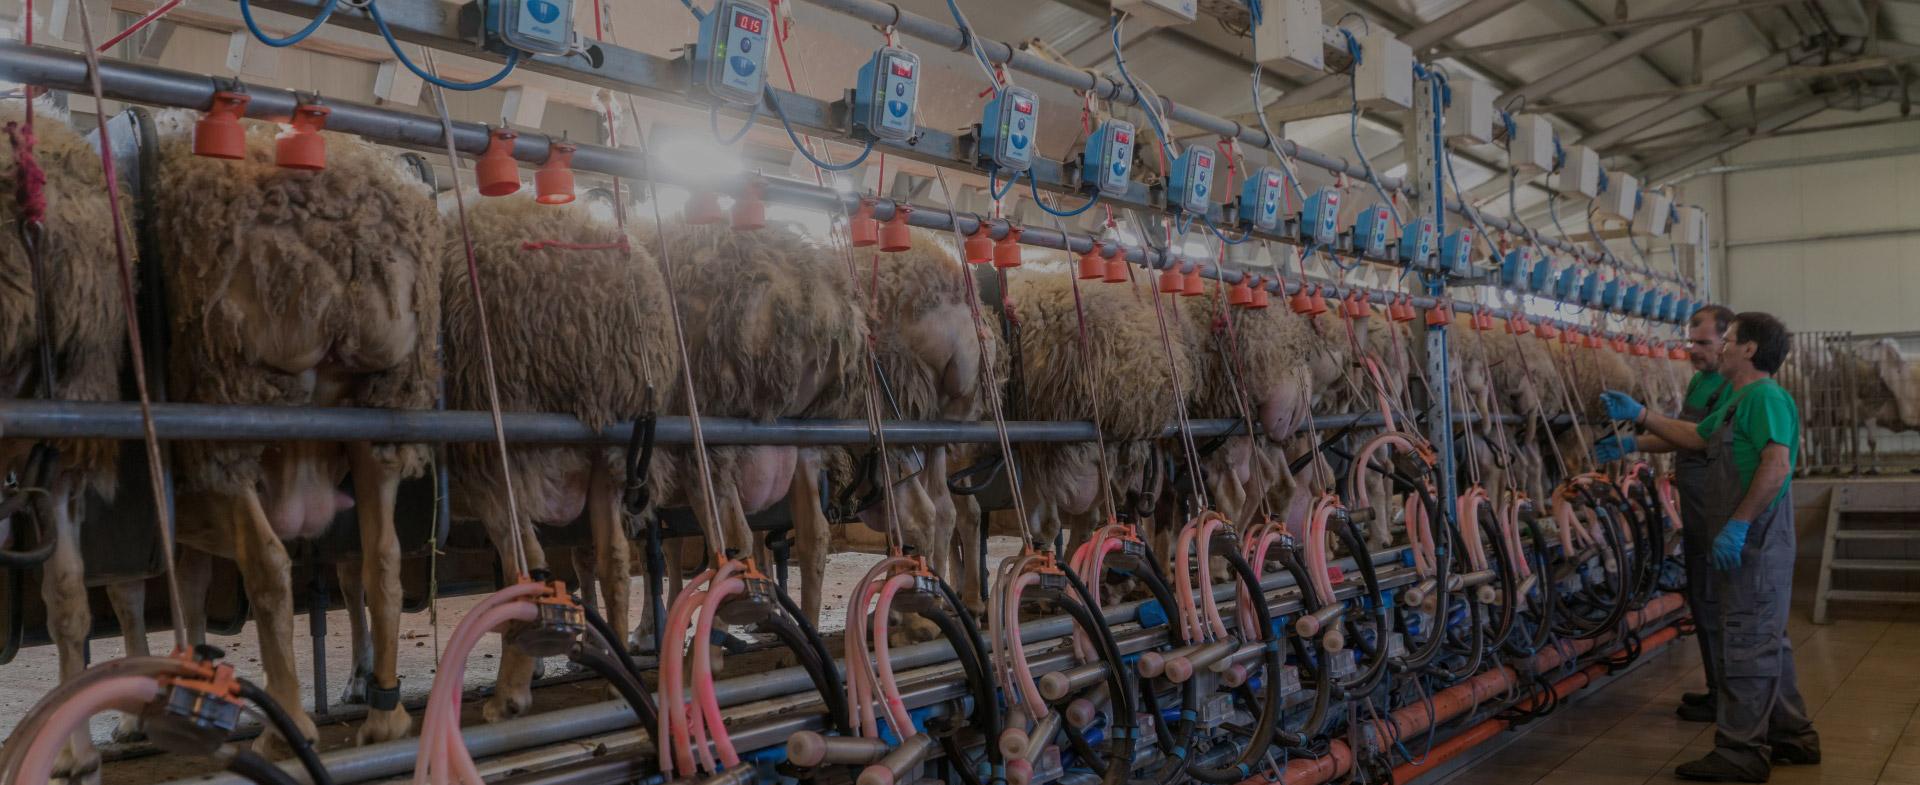 Οις Φάρμα - εξέλιξη στην προβατοτροφία